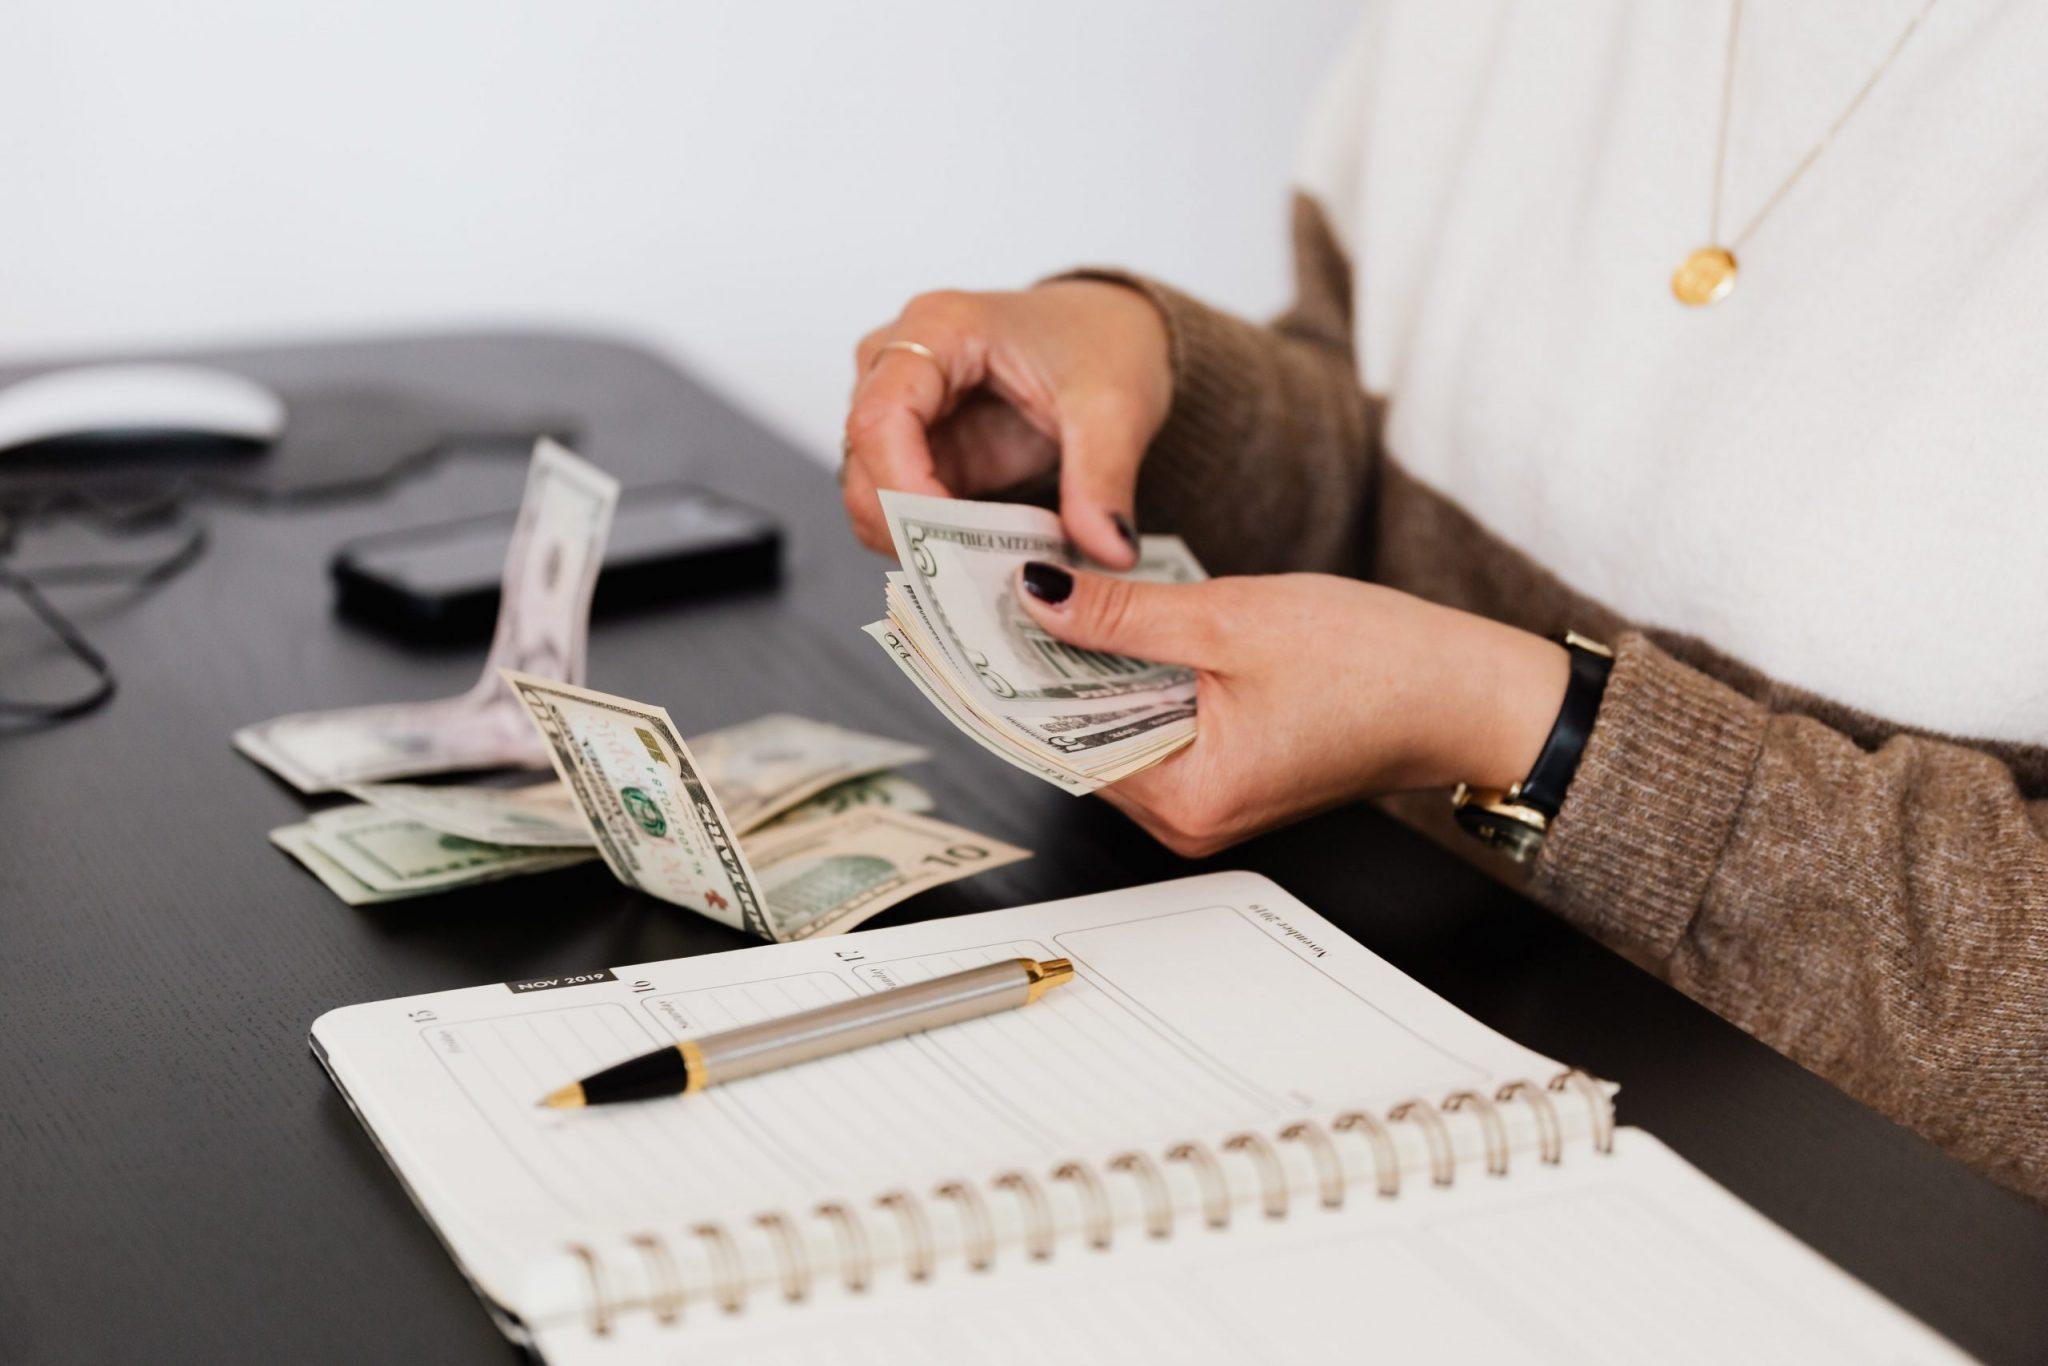 Empresários devem considerar novo valor para cálculo dos salários.